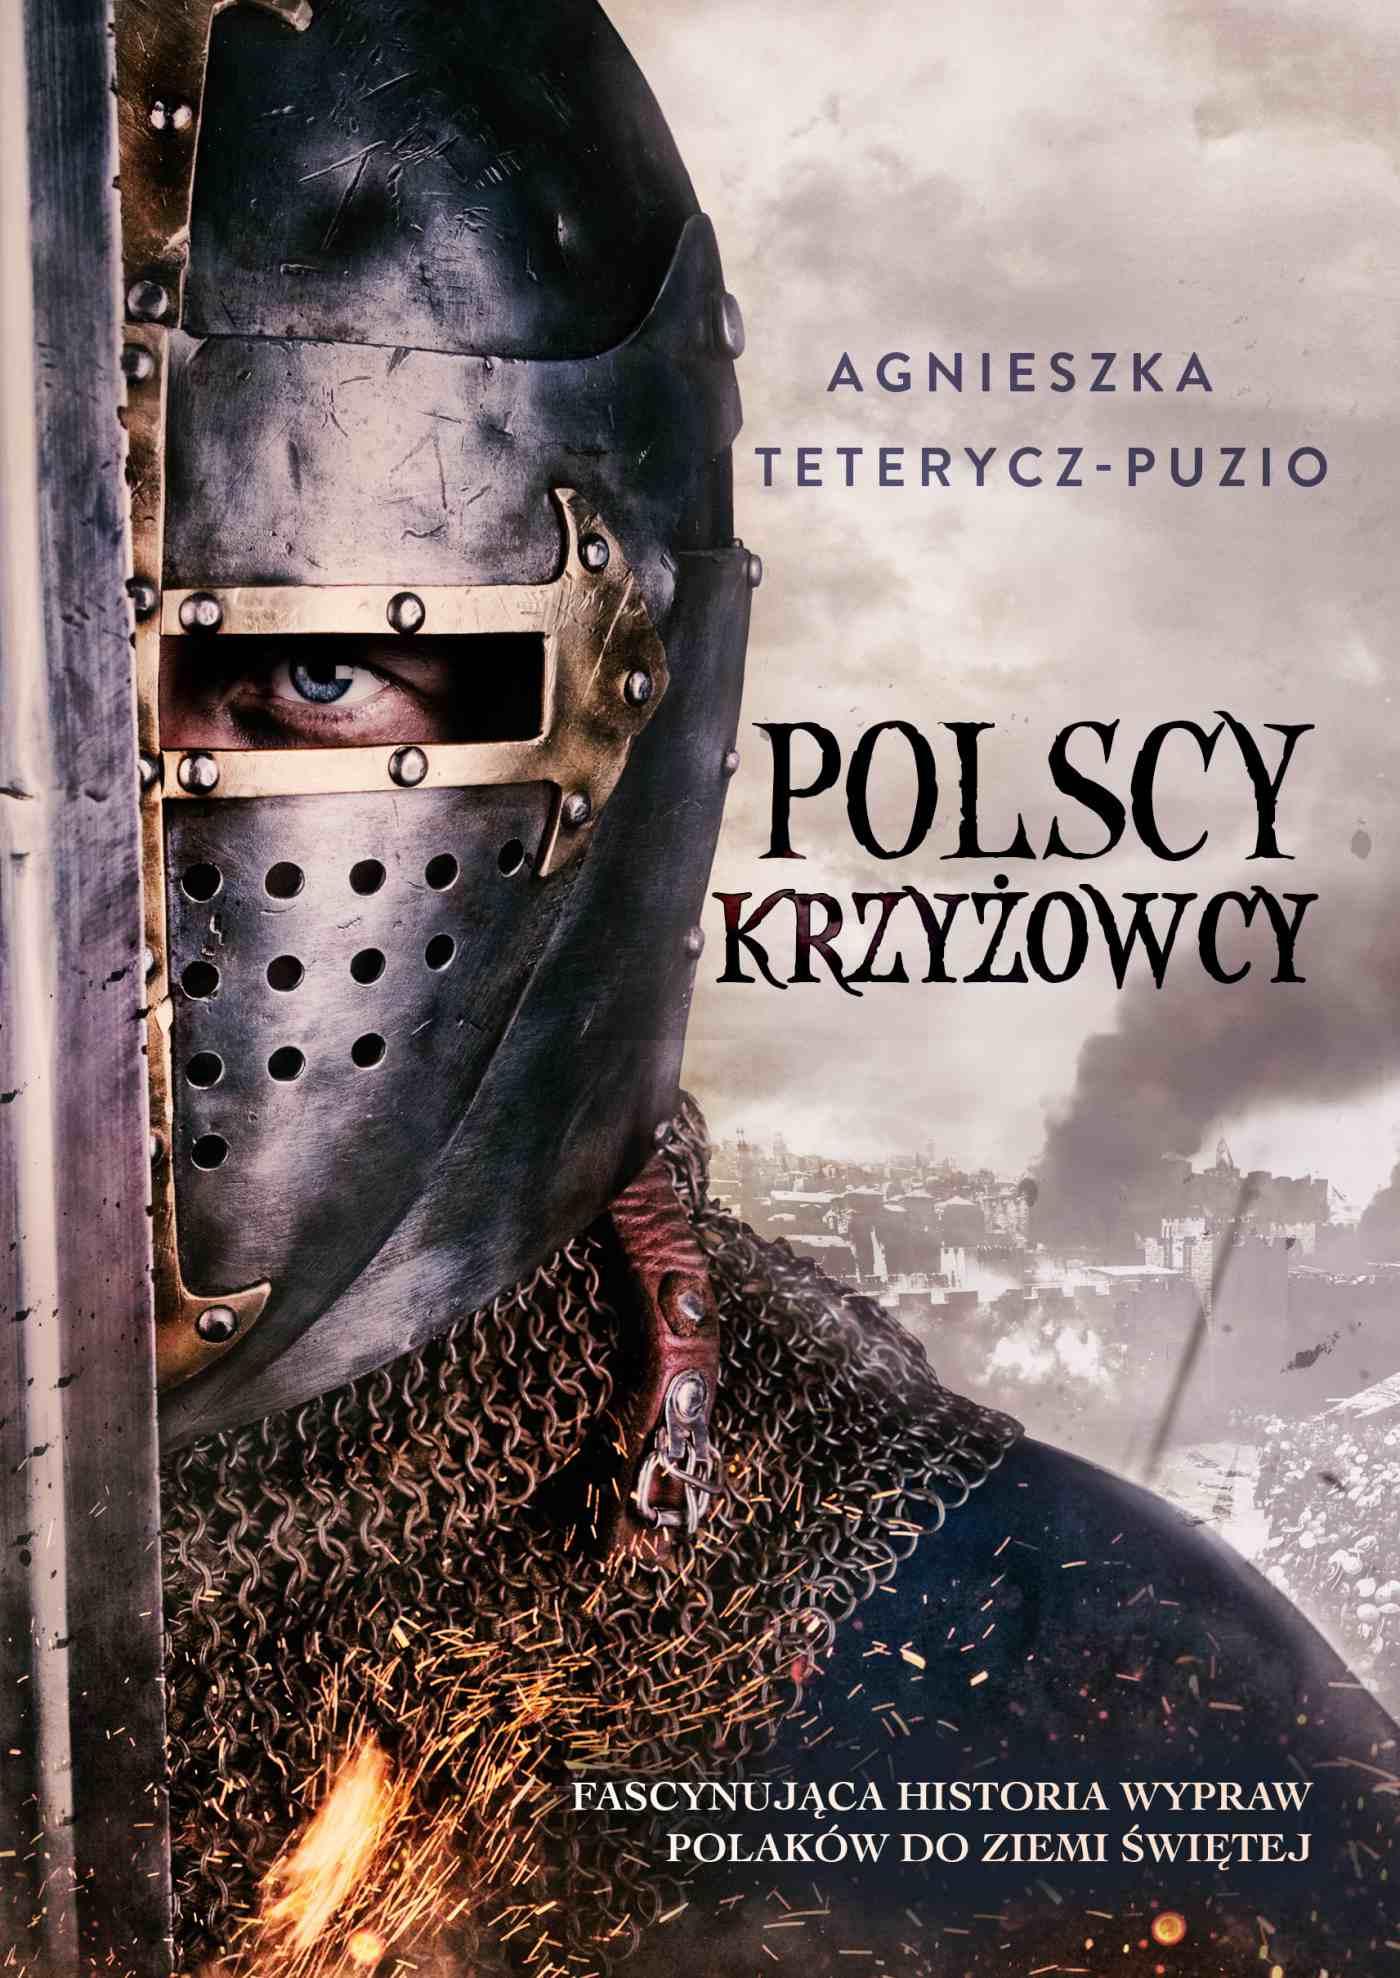 Polscy krzyżowcy - Ebook (Książka na Kindle) do pobrania w formacie MOBI